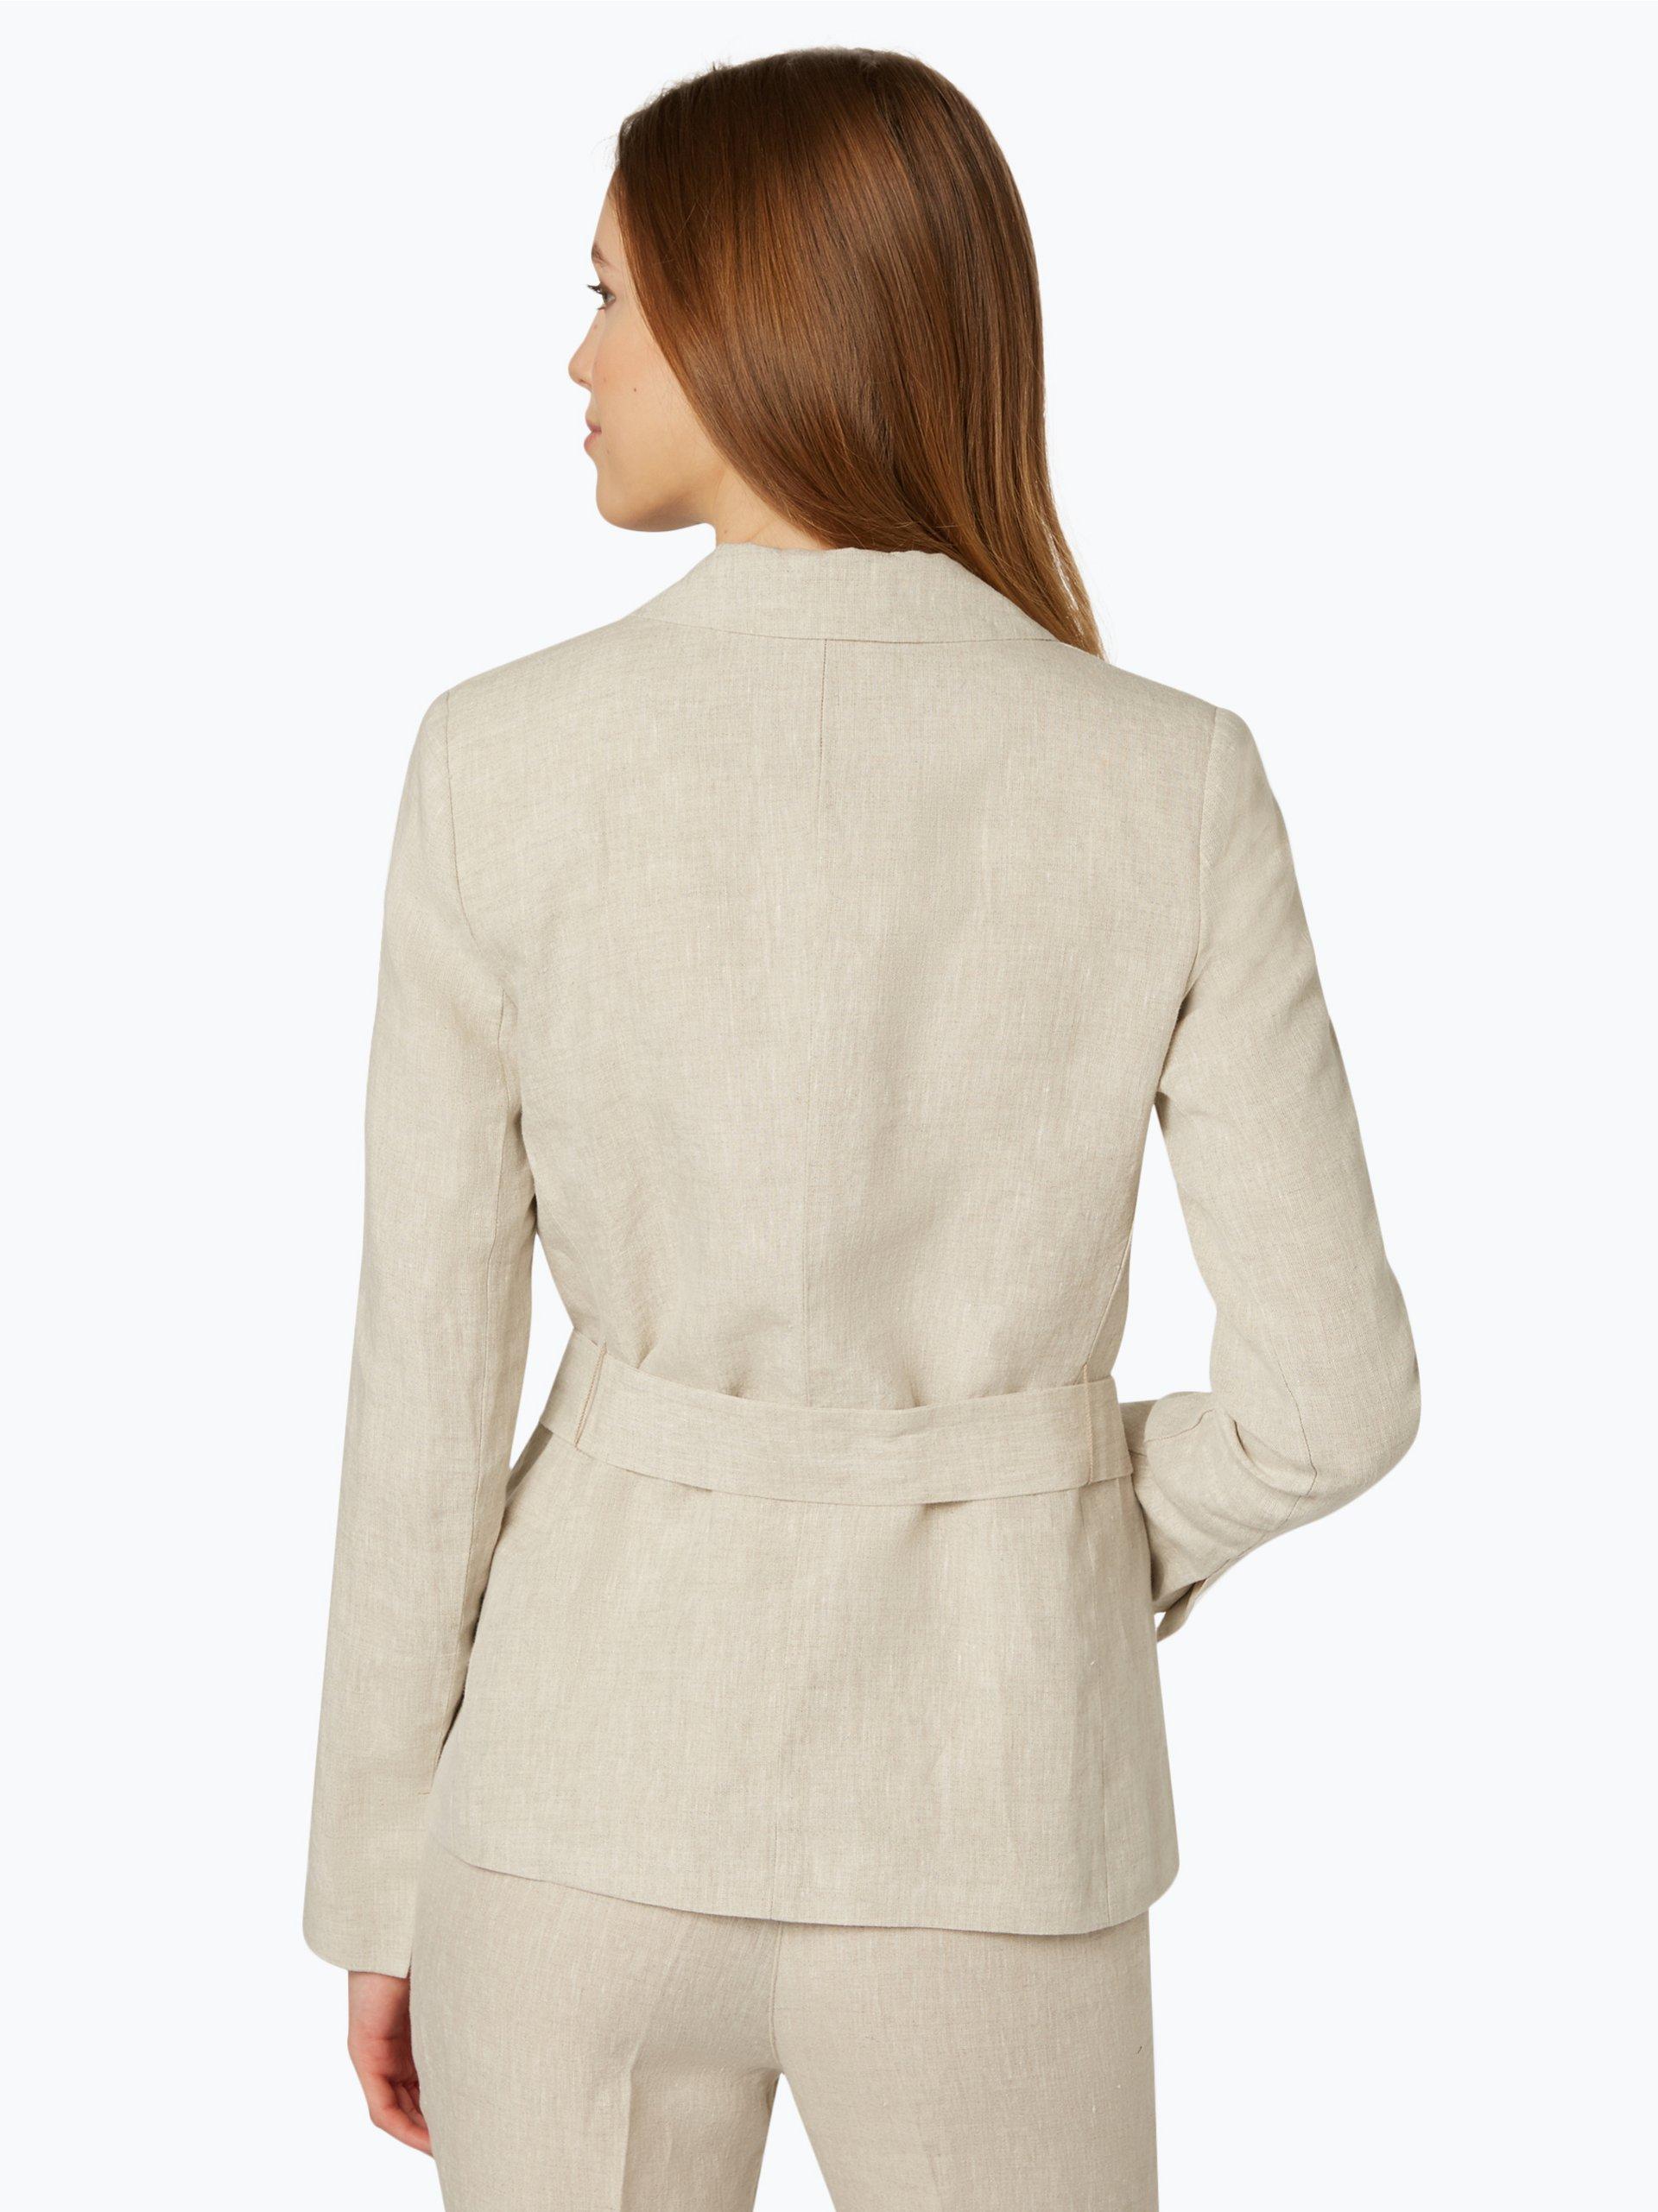 apriori damen blazer aus leinen beige uni online kaufen. Black Bedroom Furniture Sets. Home Design Ideas